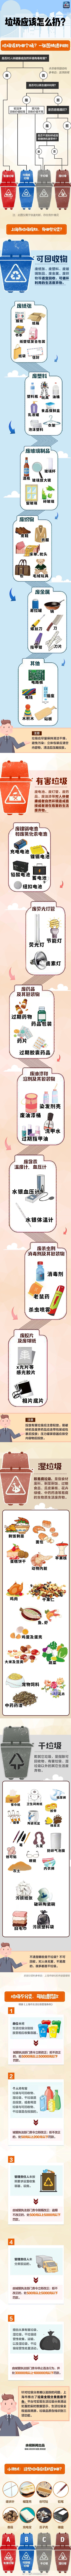 《上海市生活垃圾管理条例》正式施行 垃圾应该怎么扔?-中国网地产